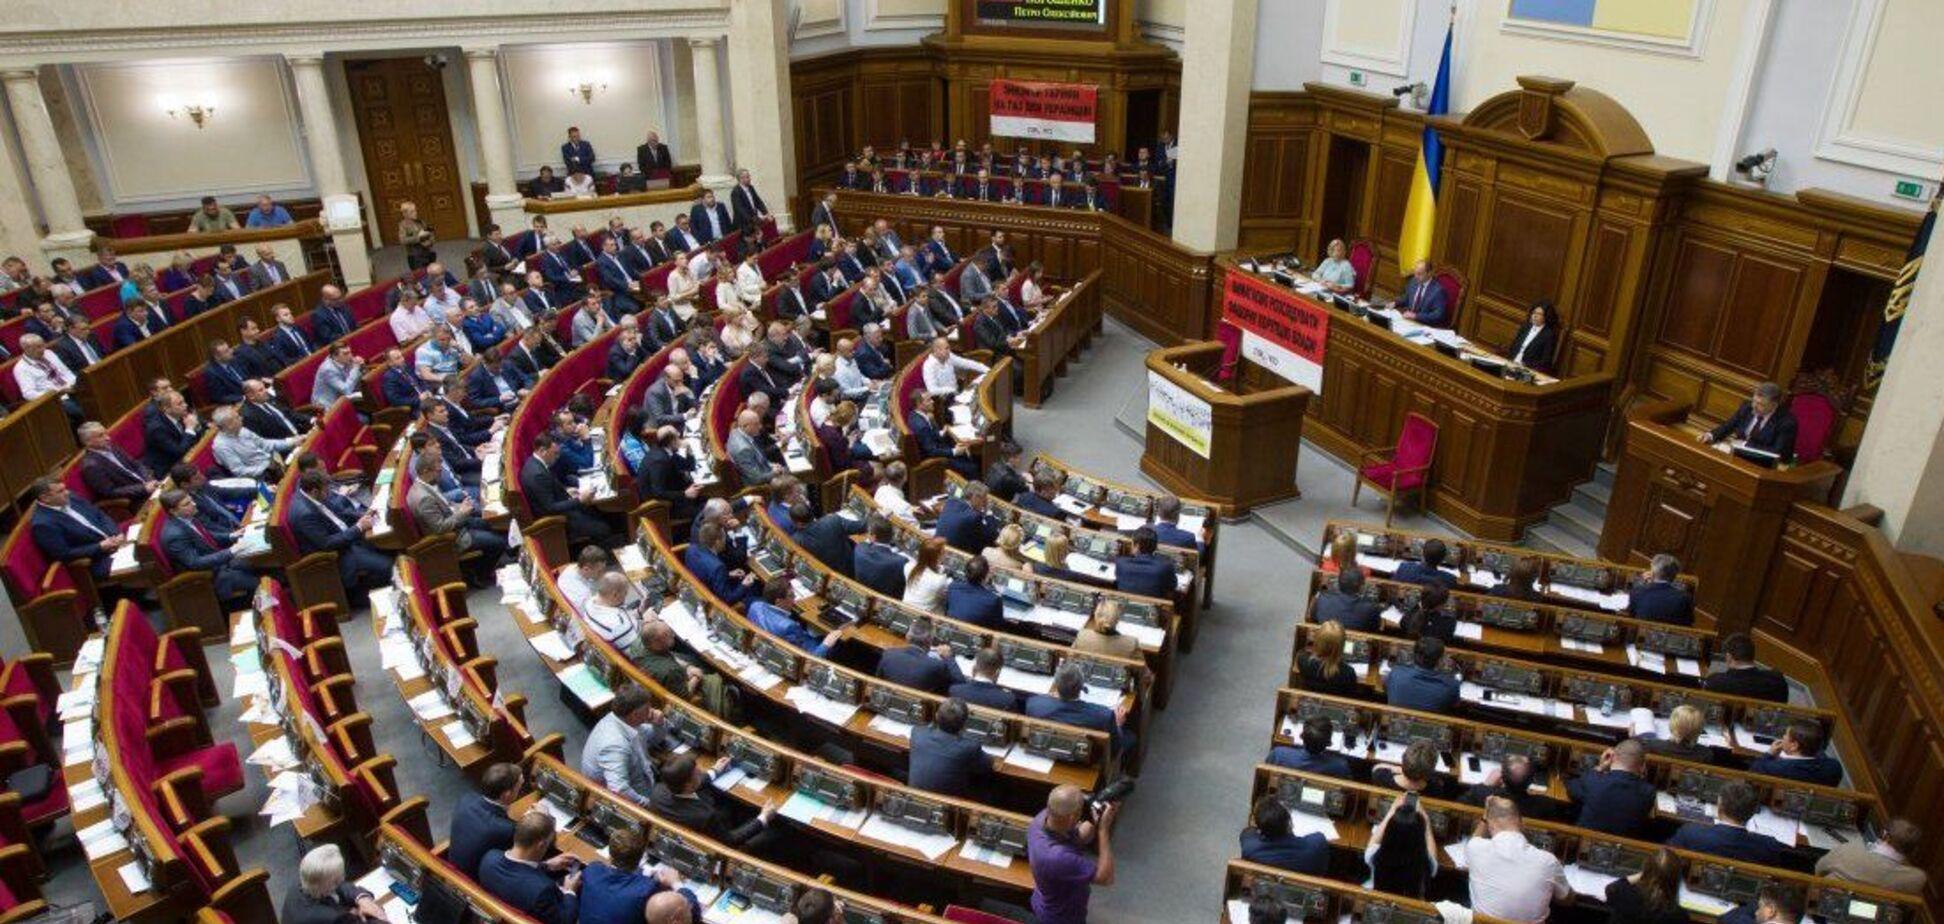 Законопроекты, принятые экокомитетом Рады, могут использоваться для шантажа (фото: 24 канал)